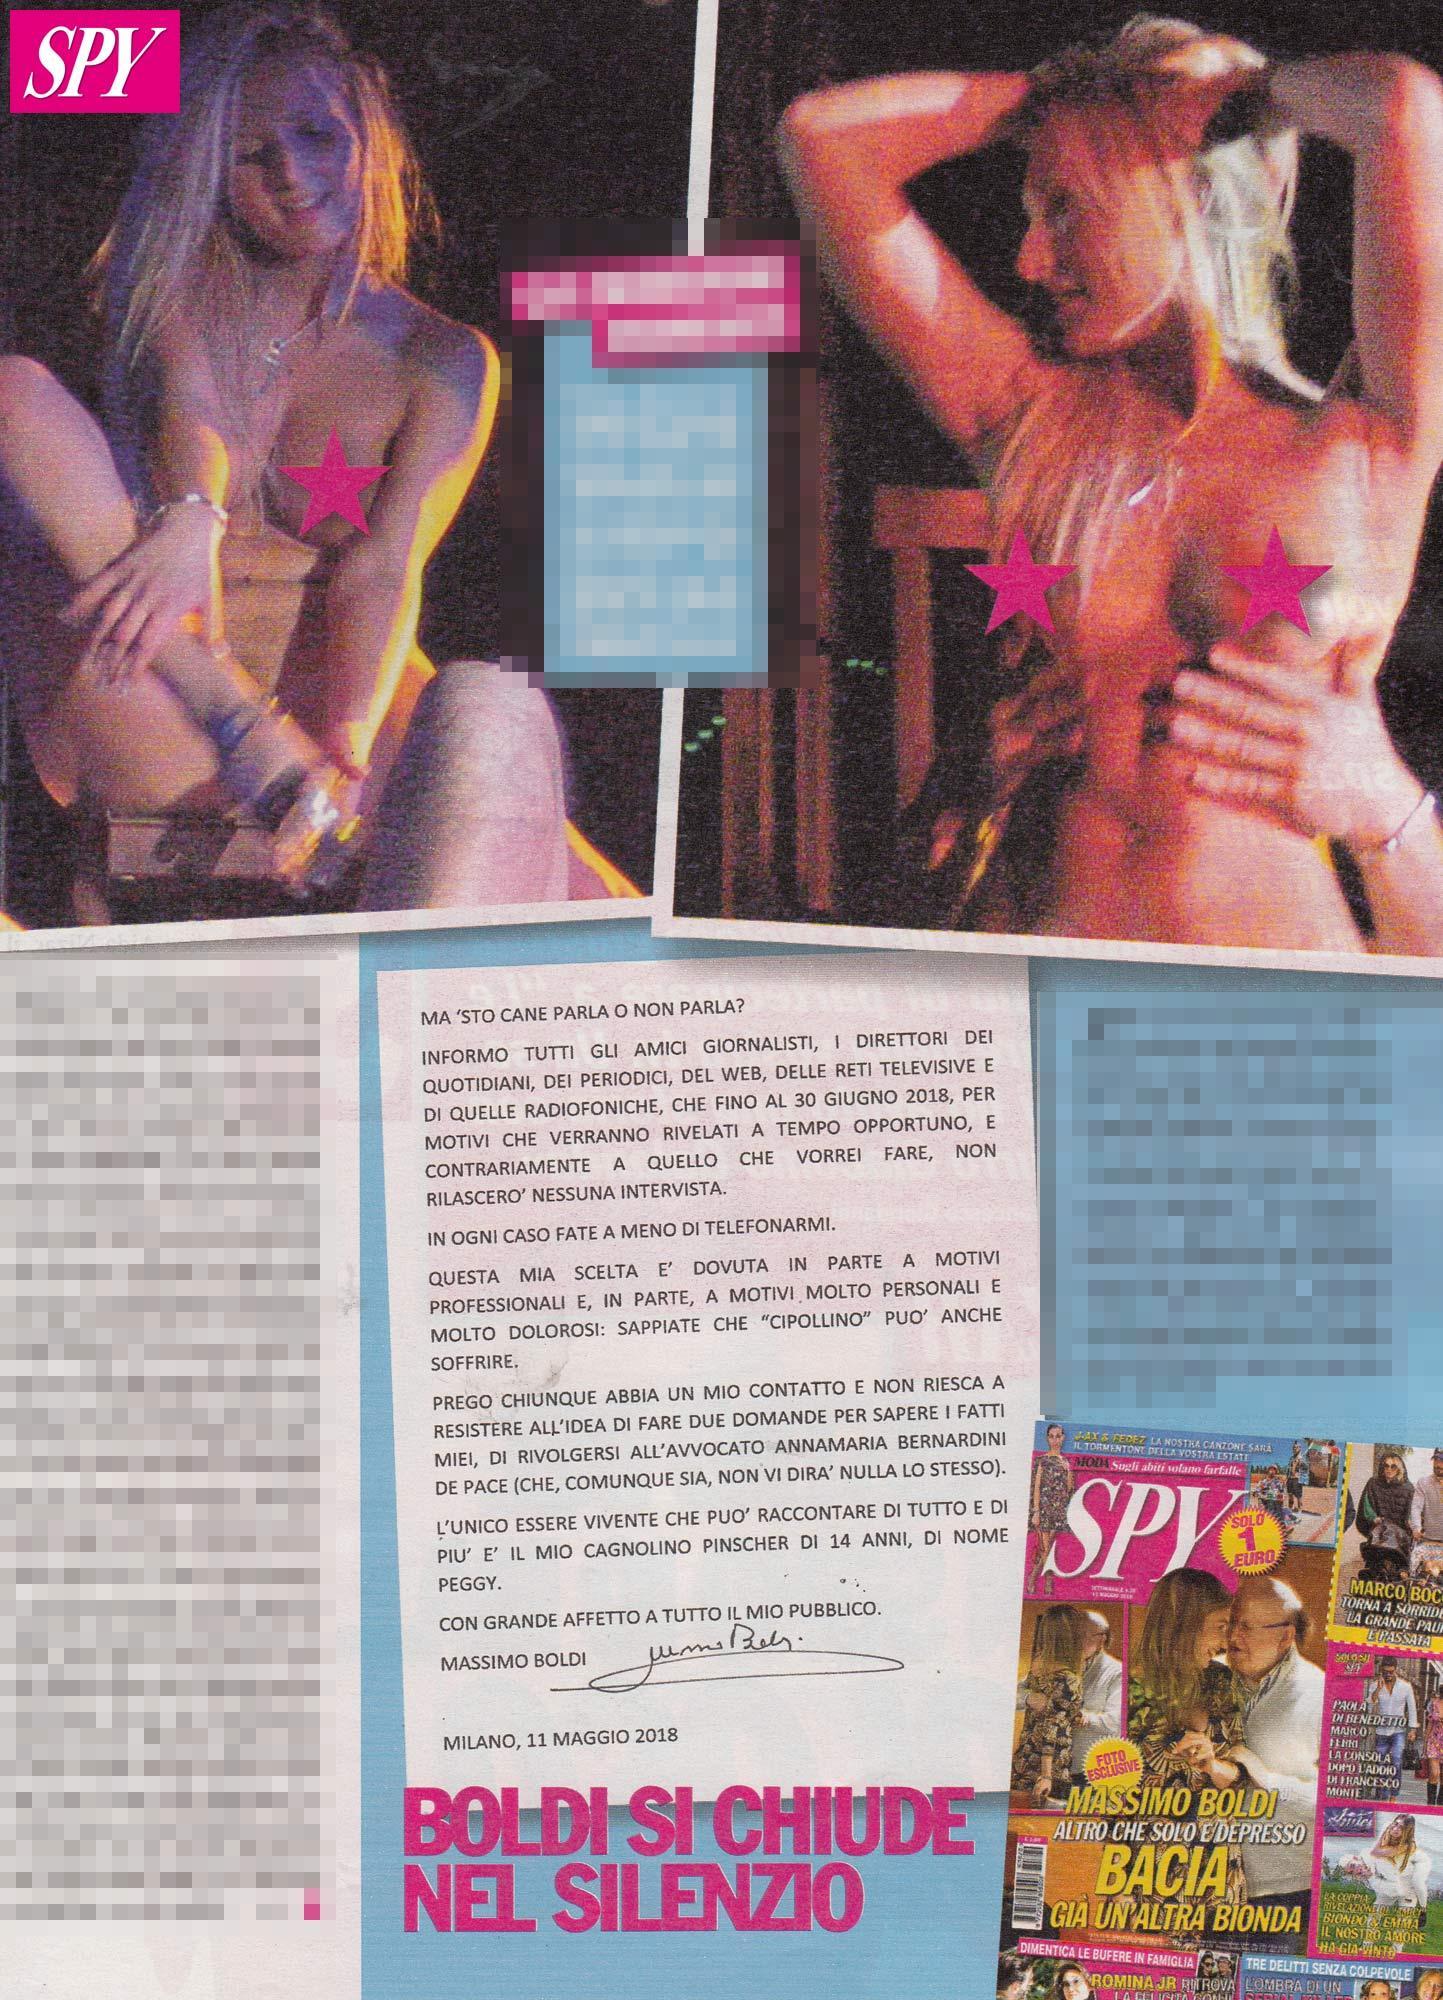 Ares1977.porno massimo boldi, le foto del passato sexy della ex loredana de